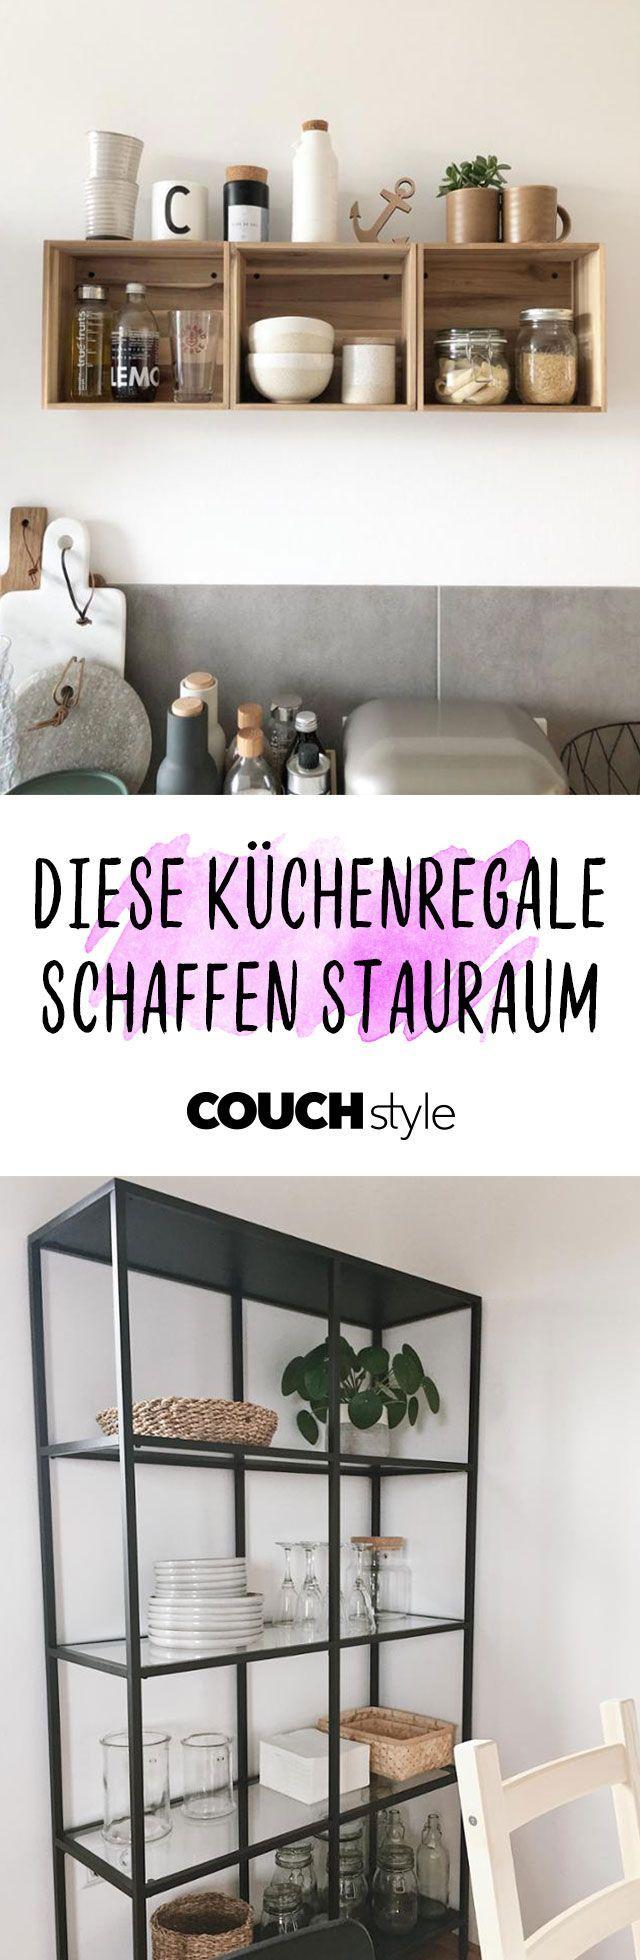 Erfreut Billigste Küchenschranktüren Ideen - Ideen Für Die Küche ...